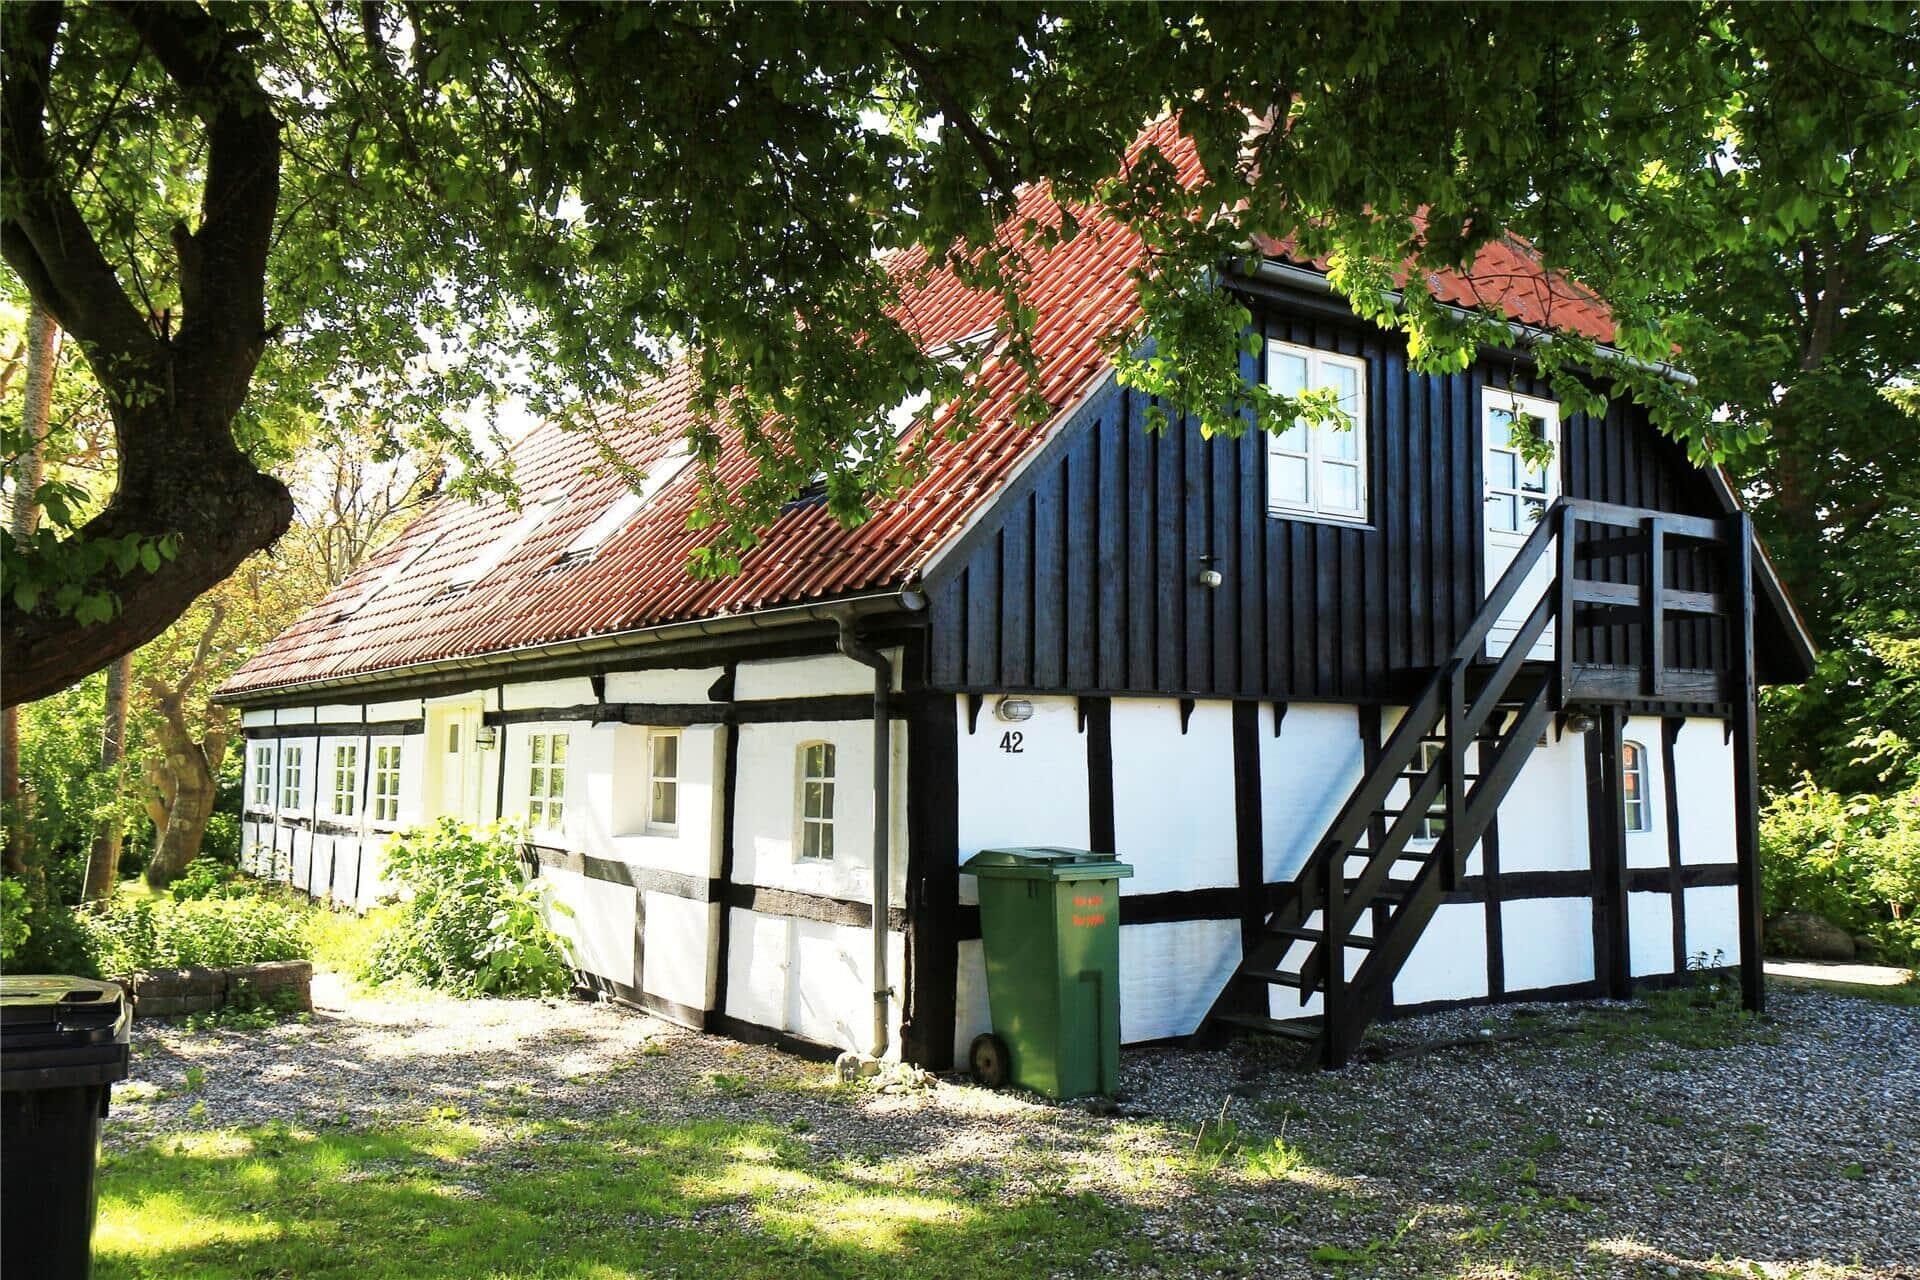 Afbeelding 1-3 Vakantiehuis M70190, Færgevej 42, DK - 5960 Marstal